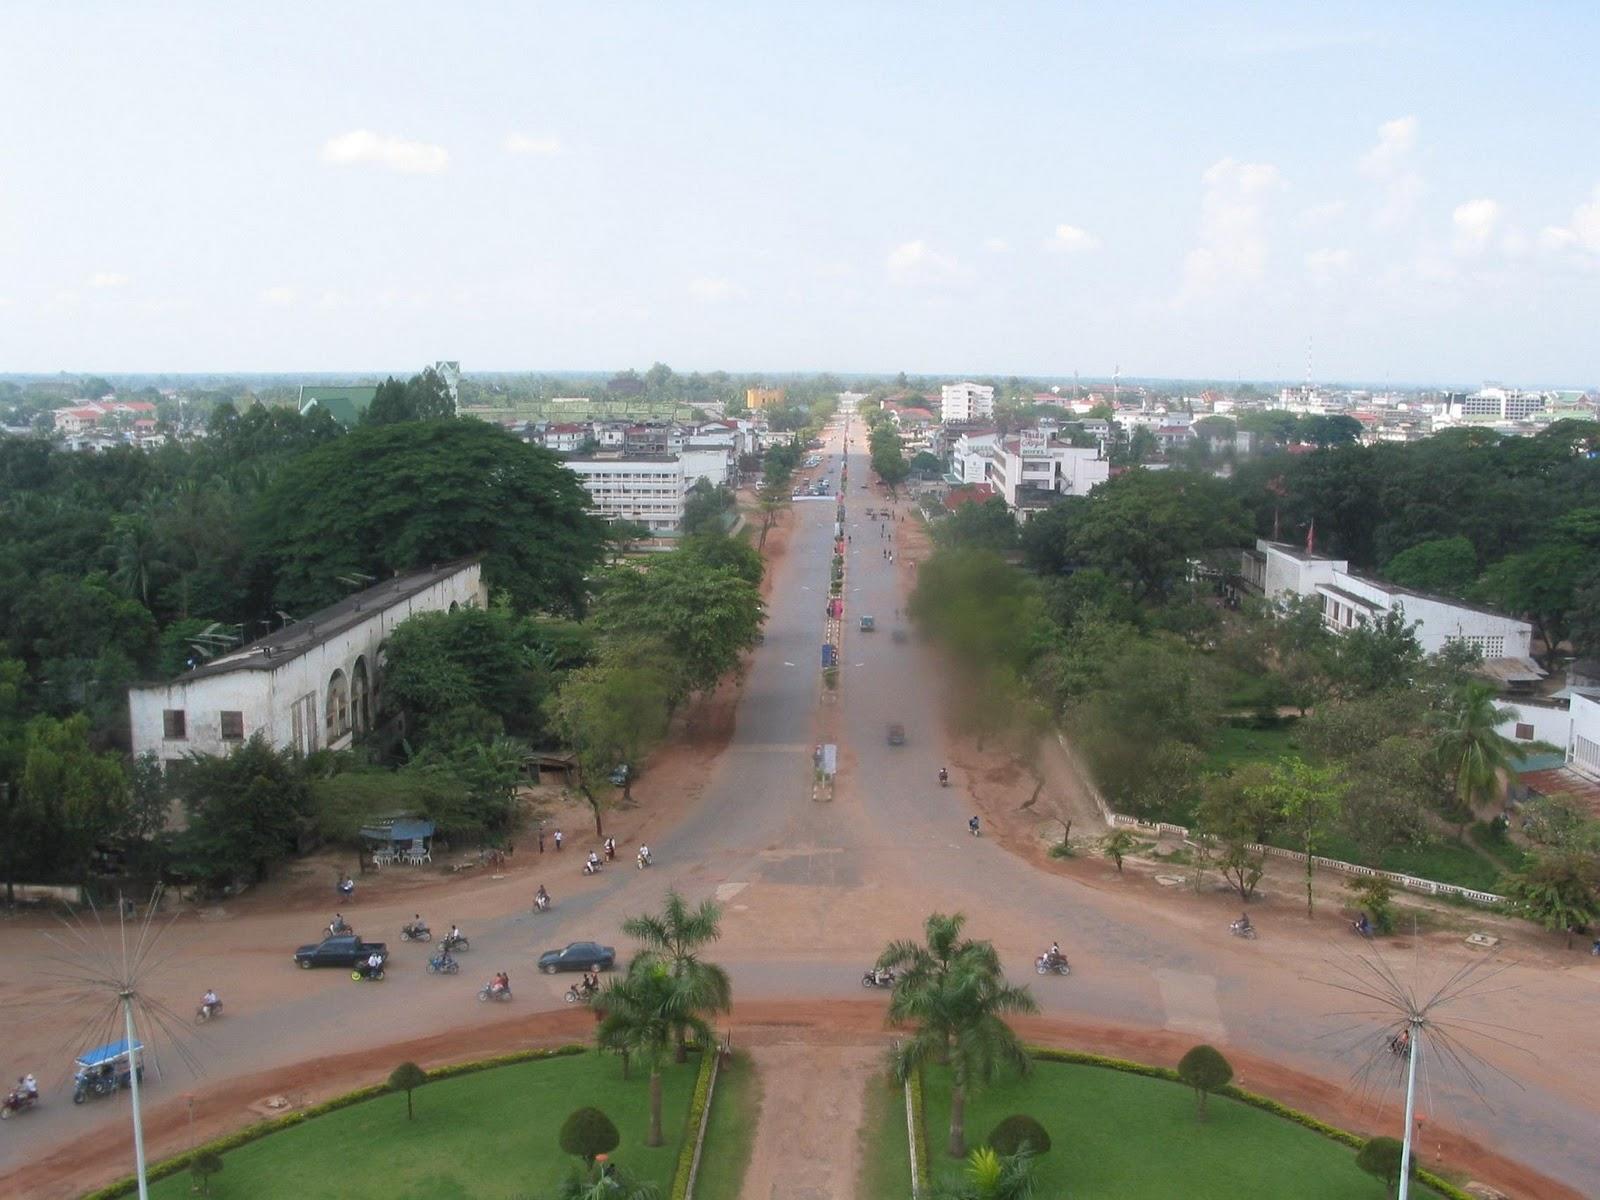 http://3.bp.blogspot.com/_e45GK4i1E8M/TRo5huYHUOI/AAAAAAAACtk/o7a1aoKrGhg/s1600/Laos-Vientiane-pics.jpg